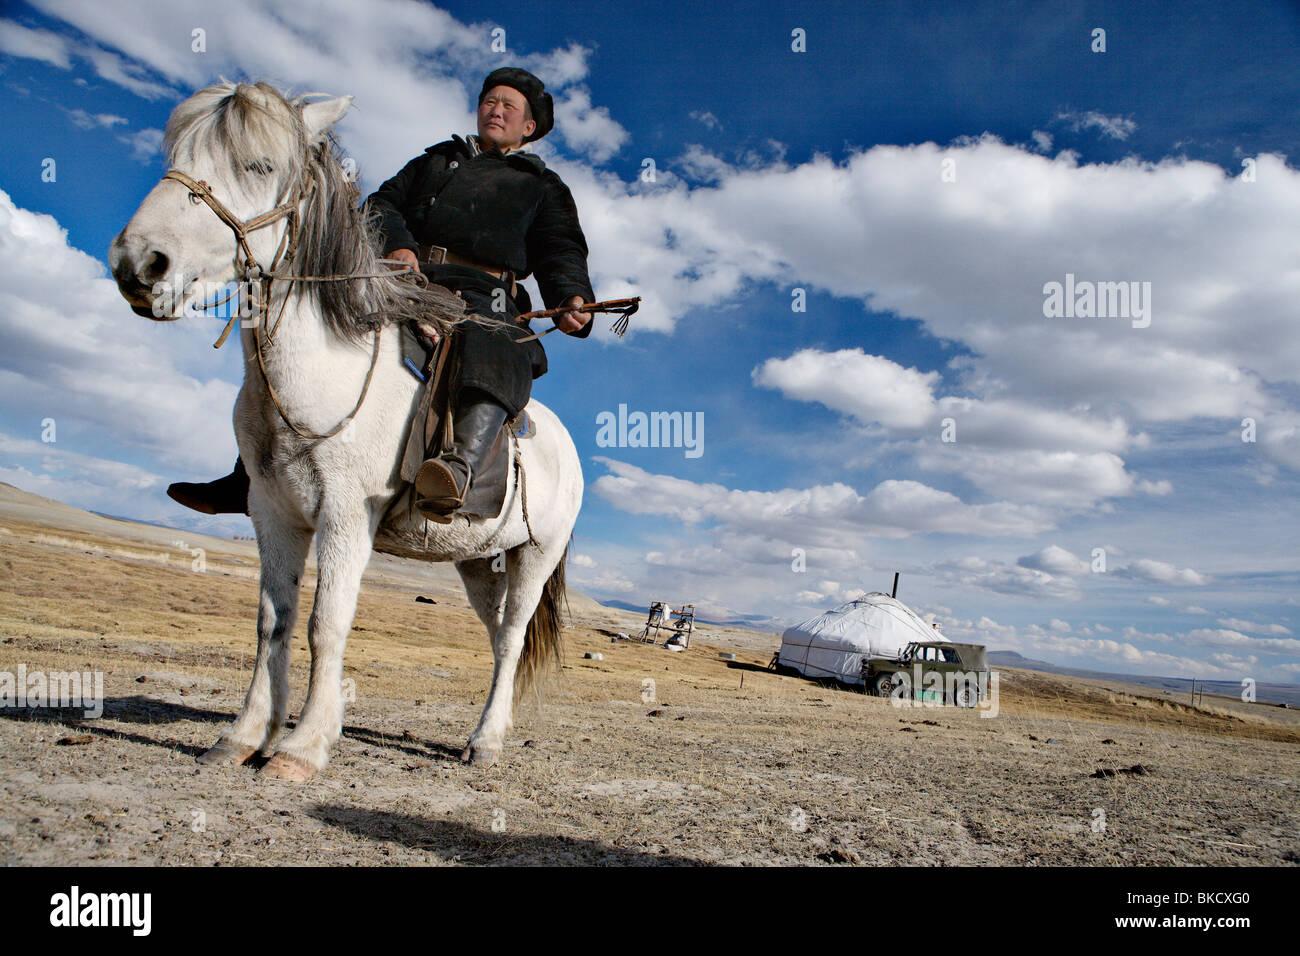 L'homme nomade devant son ger (yourte ou tente) estimé près de Tavan Bogd National Park, dans l'ouest de la Mongolie. Banque D'Images